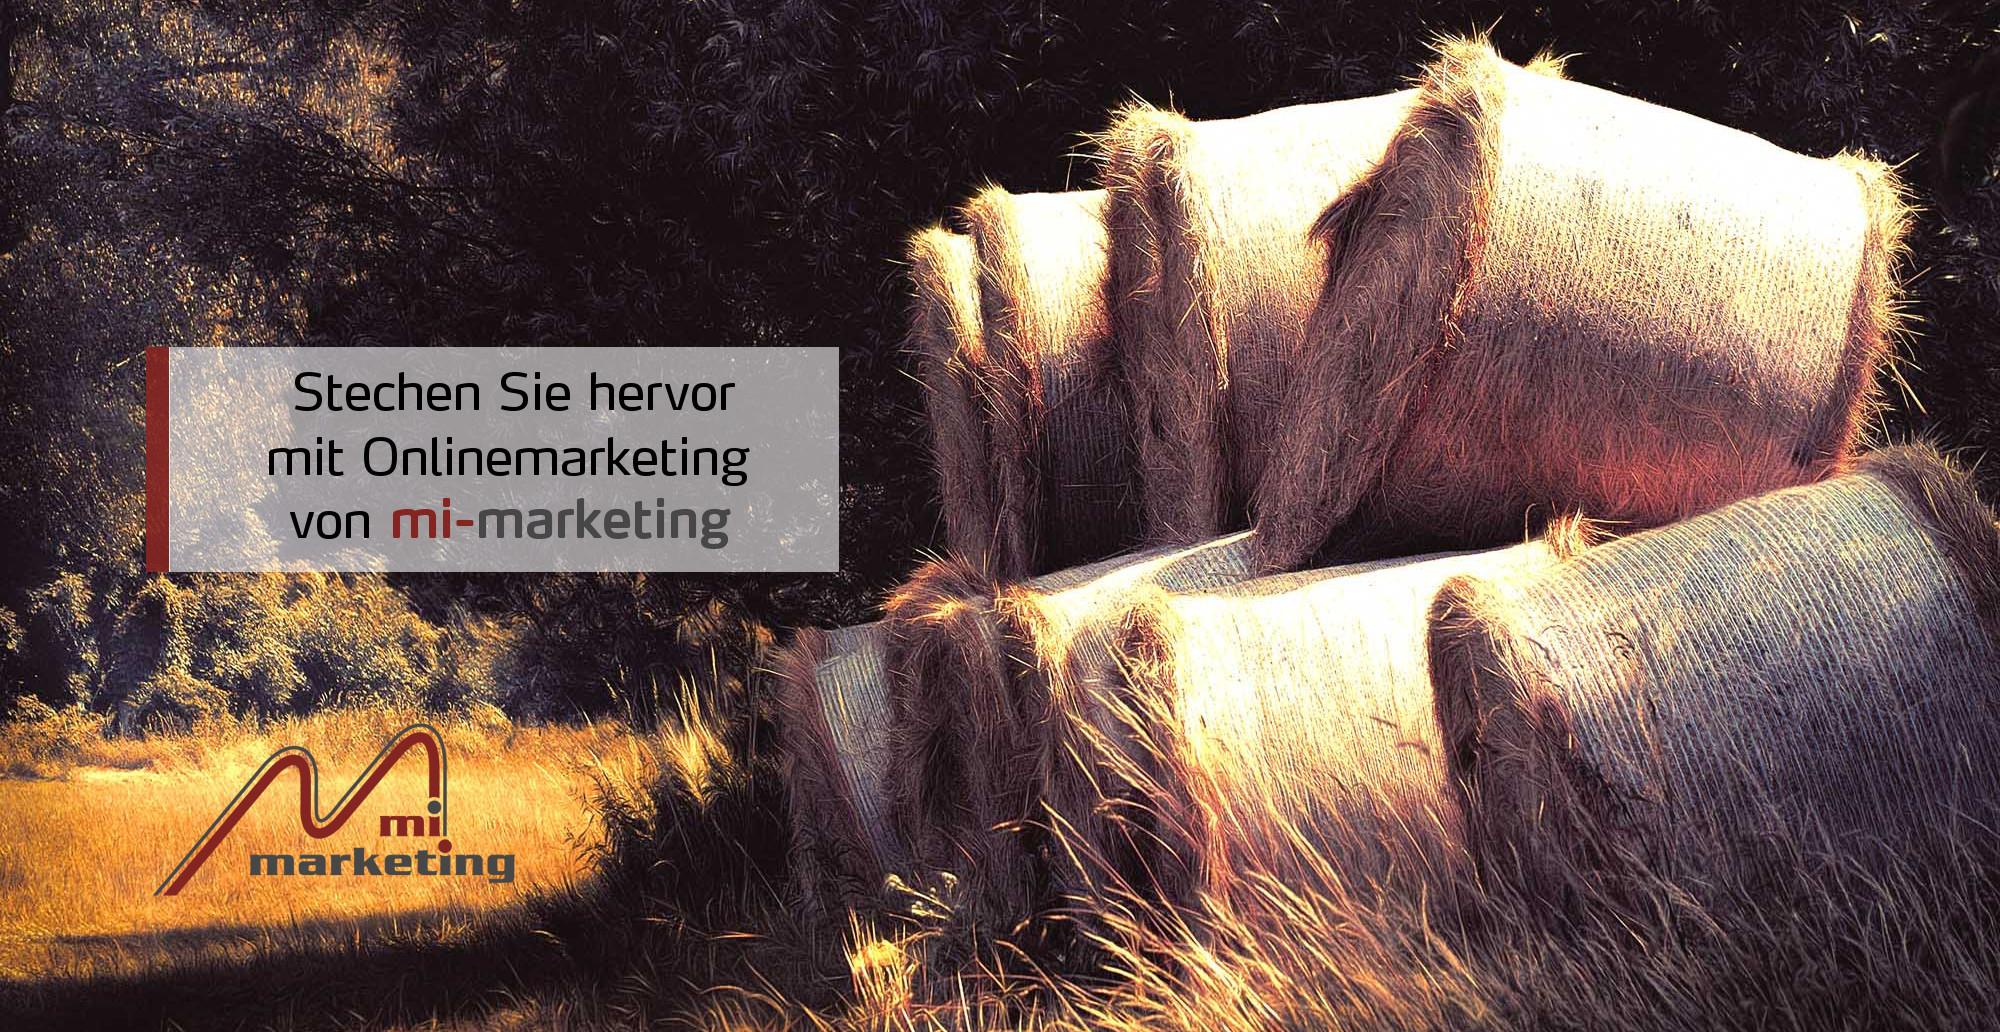 Onlinemarketing von mi-marketing